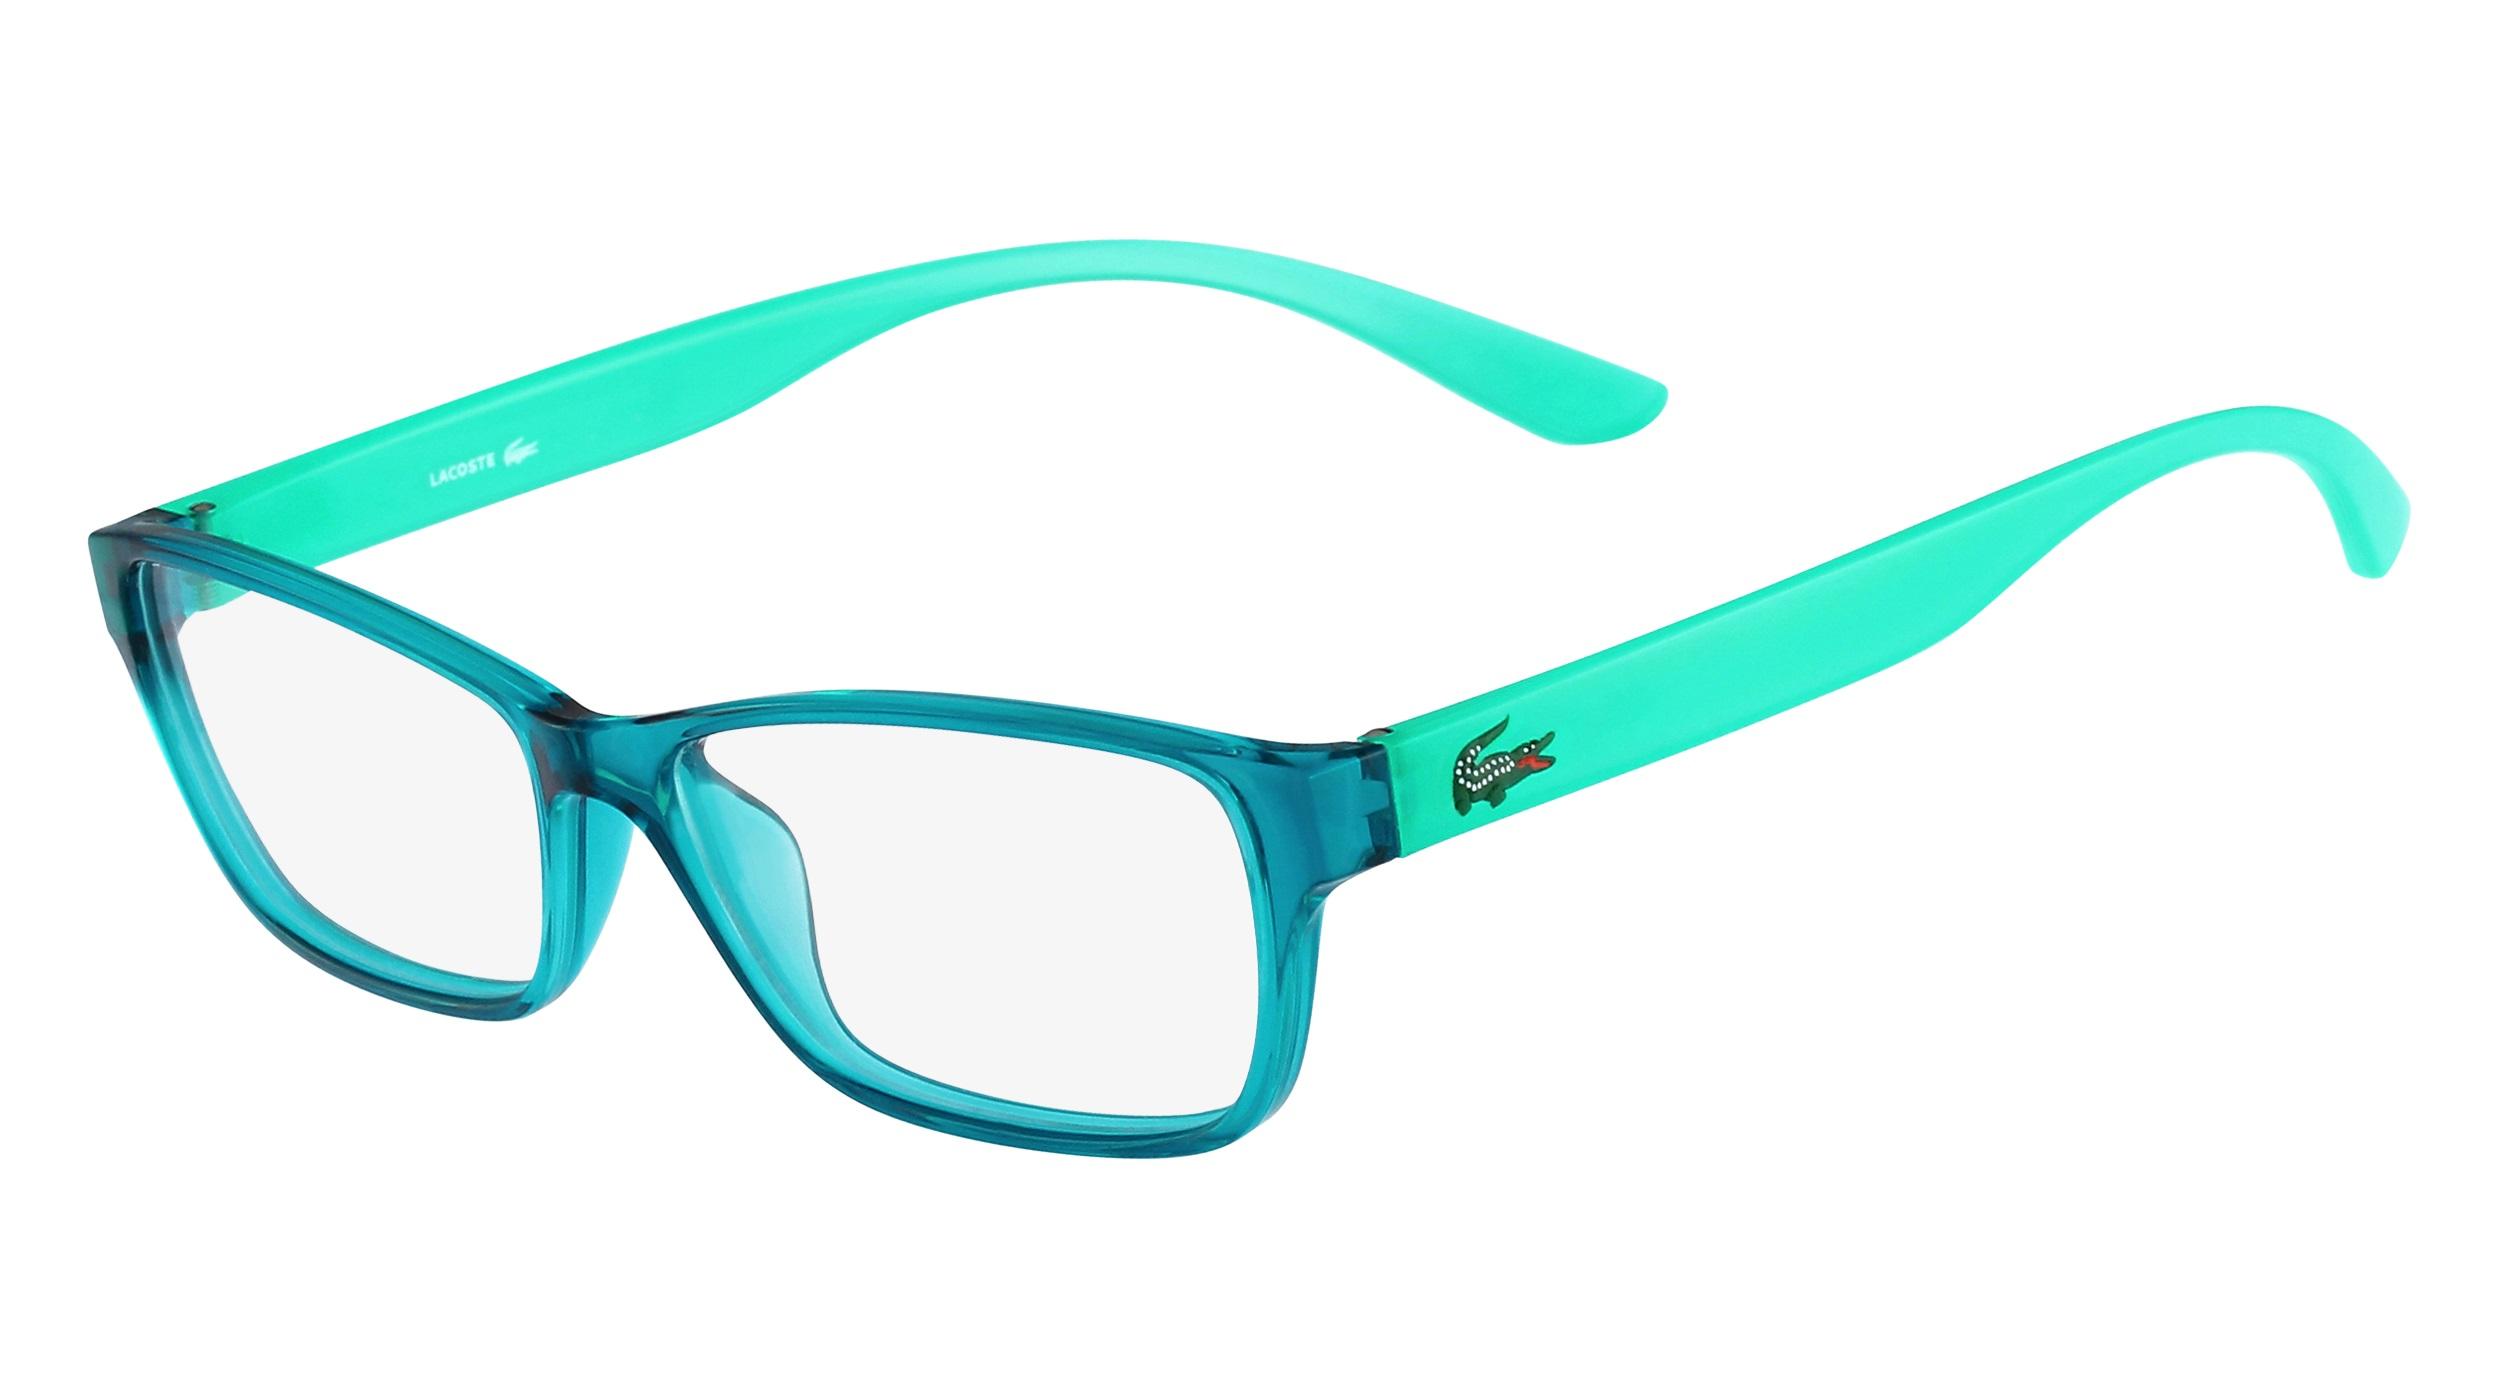 2f2190c03aa Eyewear for Kids - Lacoste - Optiwow